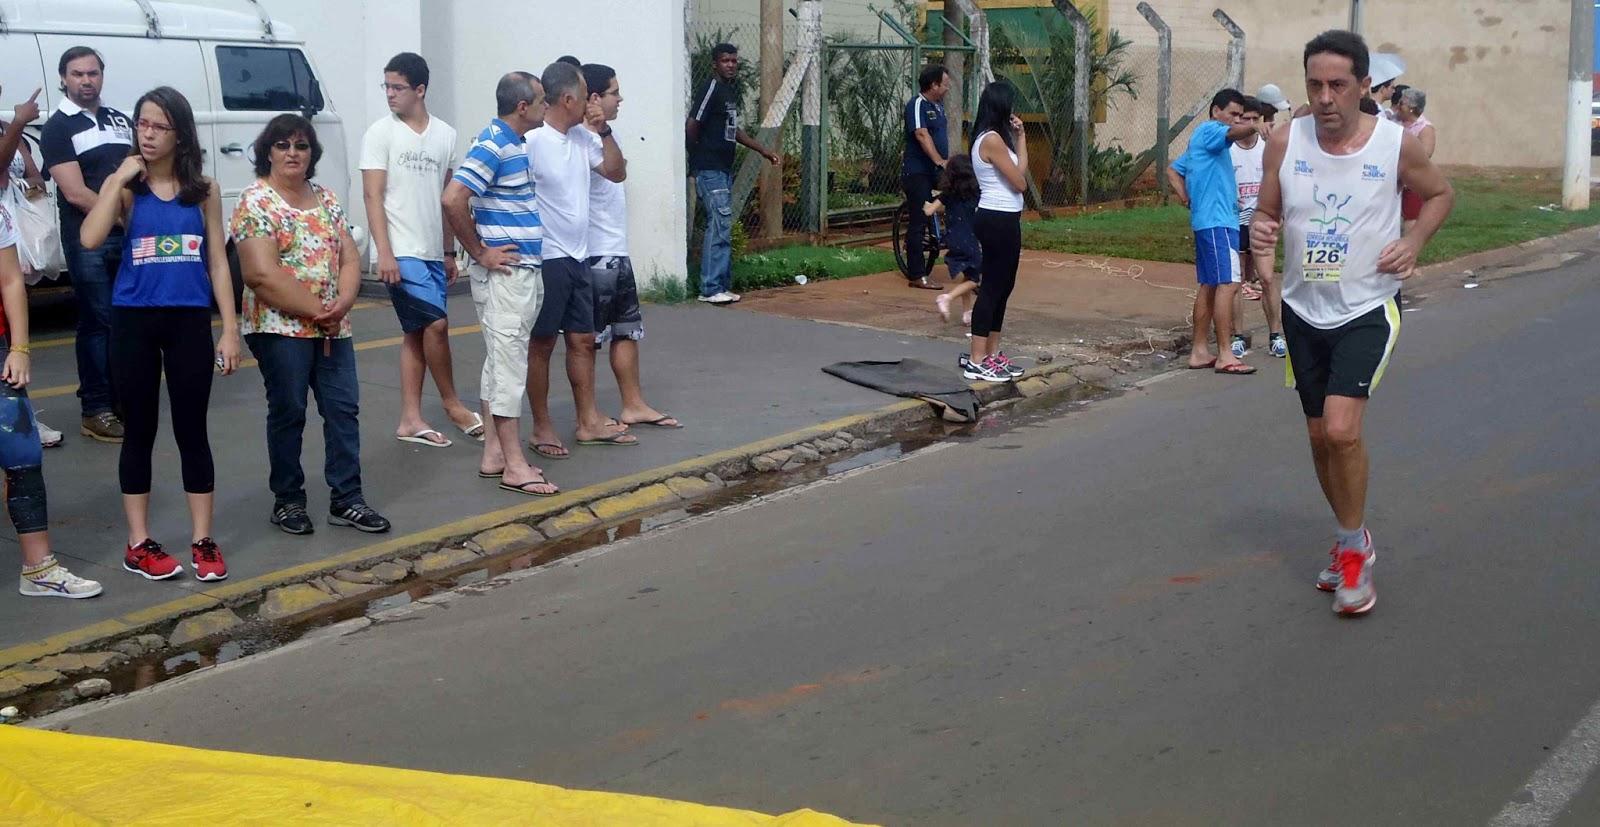 Foto 153 da 1ª Corrida Av. dos Coqueiros em Barretos-SP 14/04/2013 – Atletas cruzando a linha de chegada